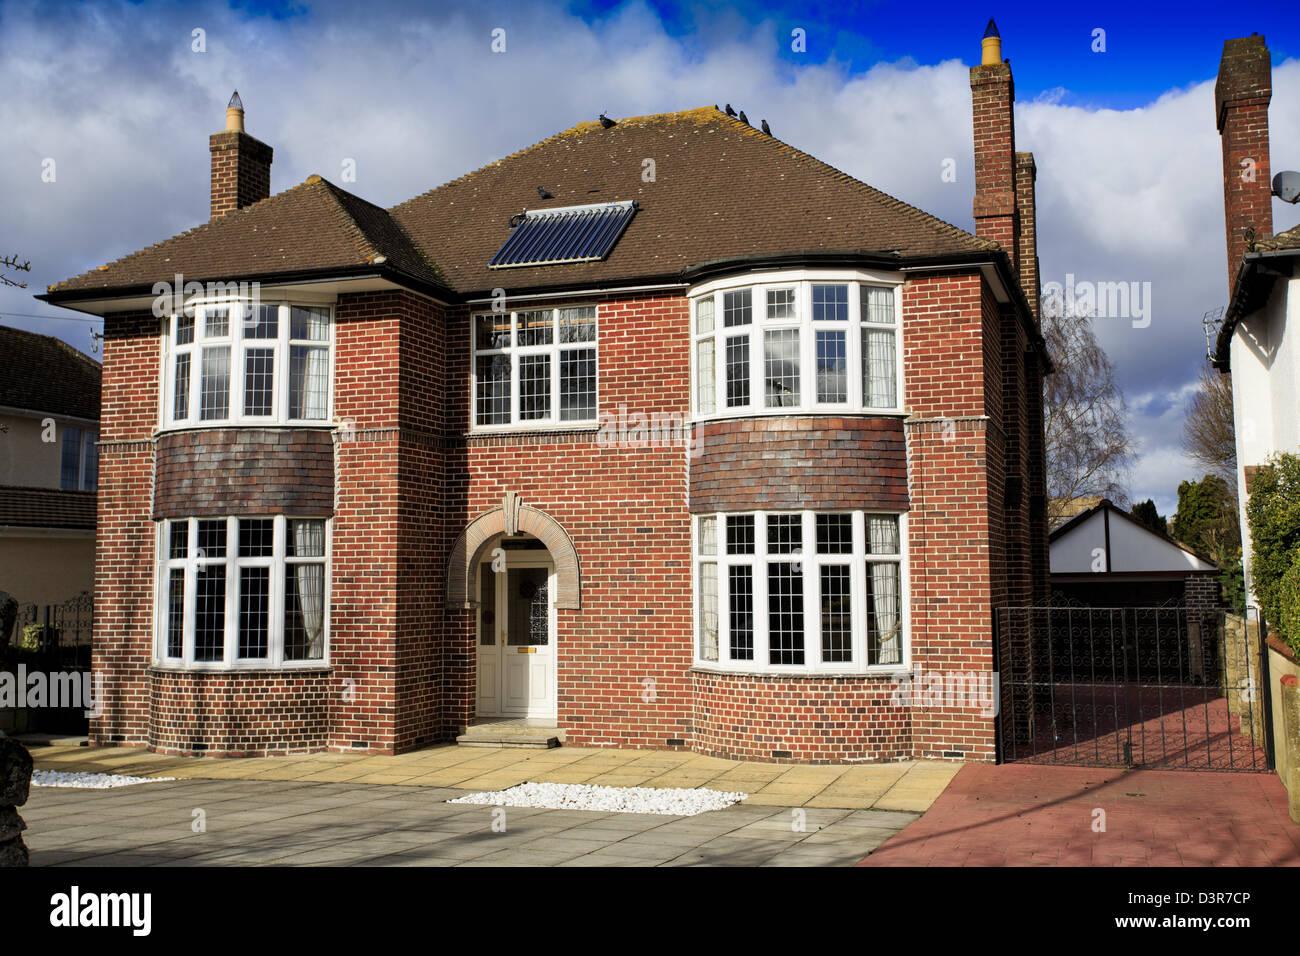 Large brick detached house in Swindon, UK Stock Photo